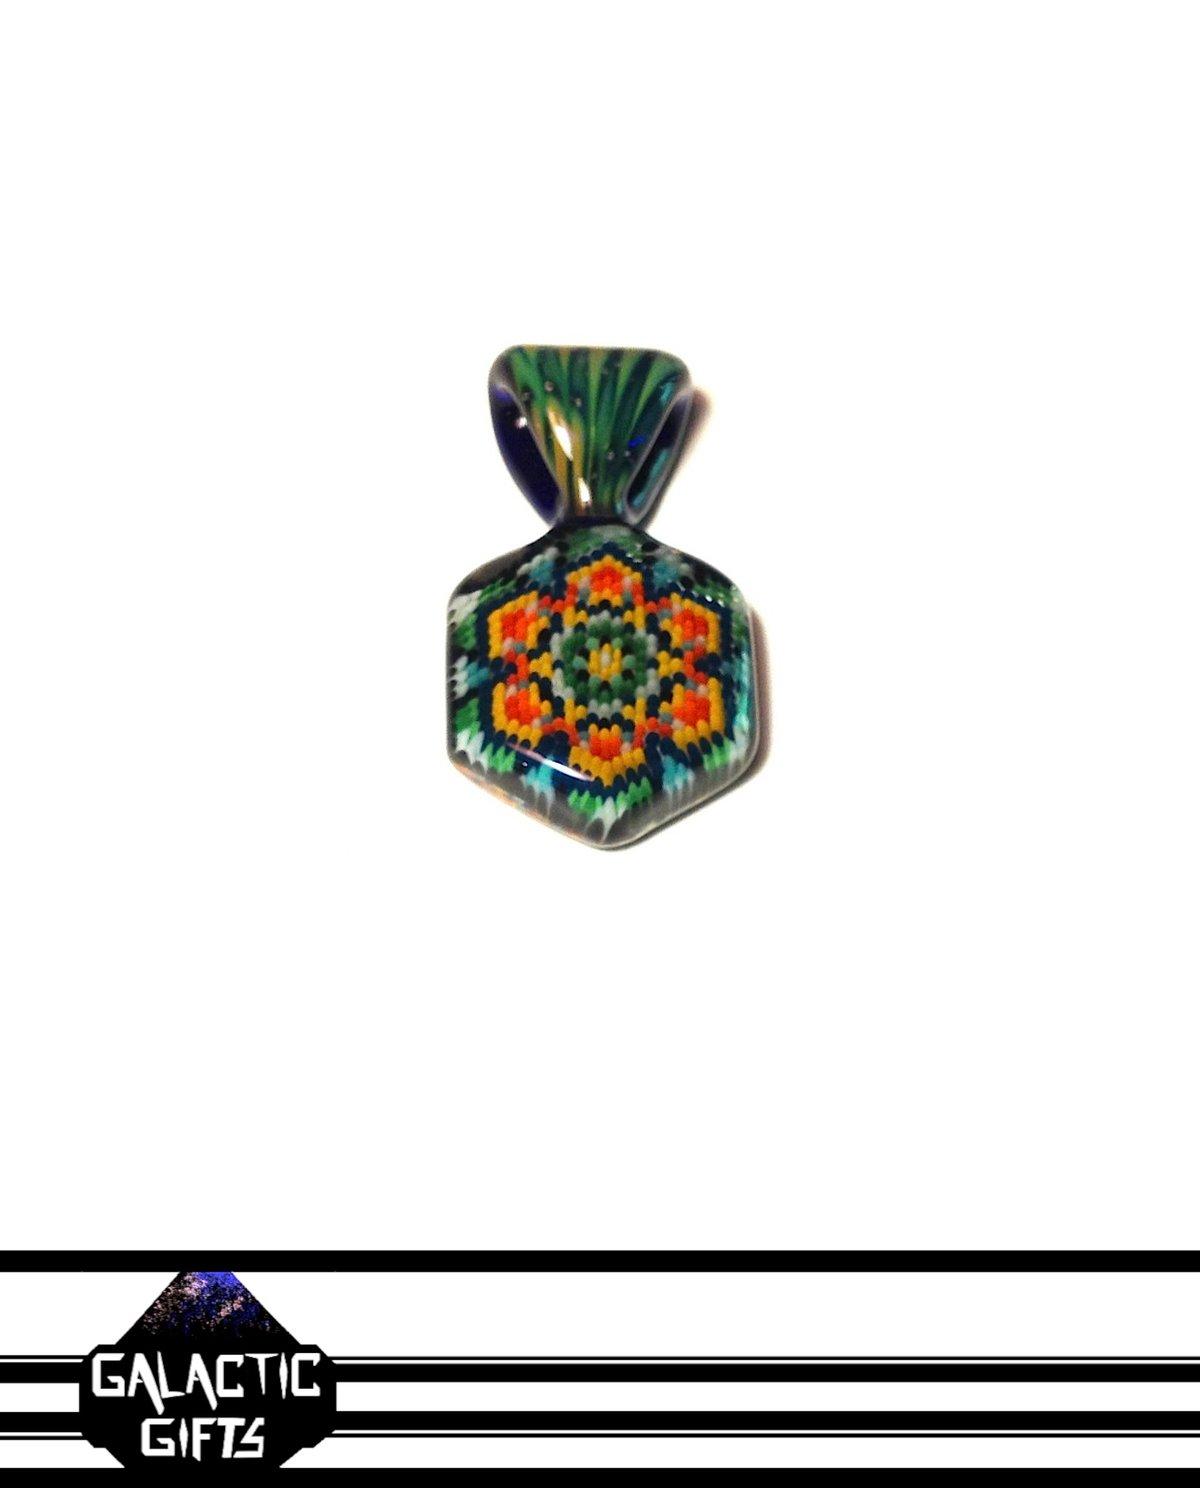 Image of Robin Moore + Stoke Glass Sacred Peyote Collab Pendant